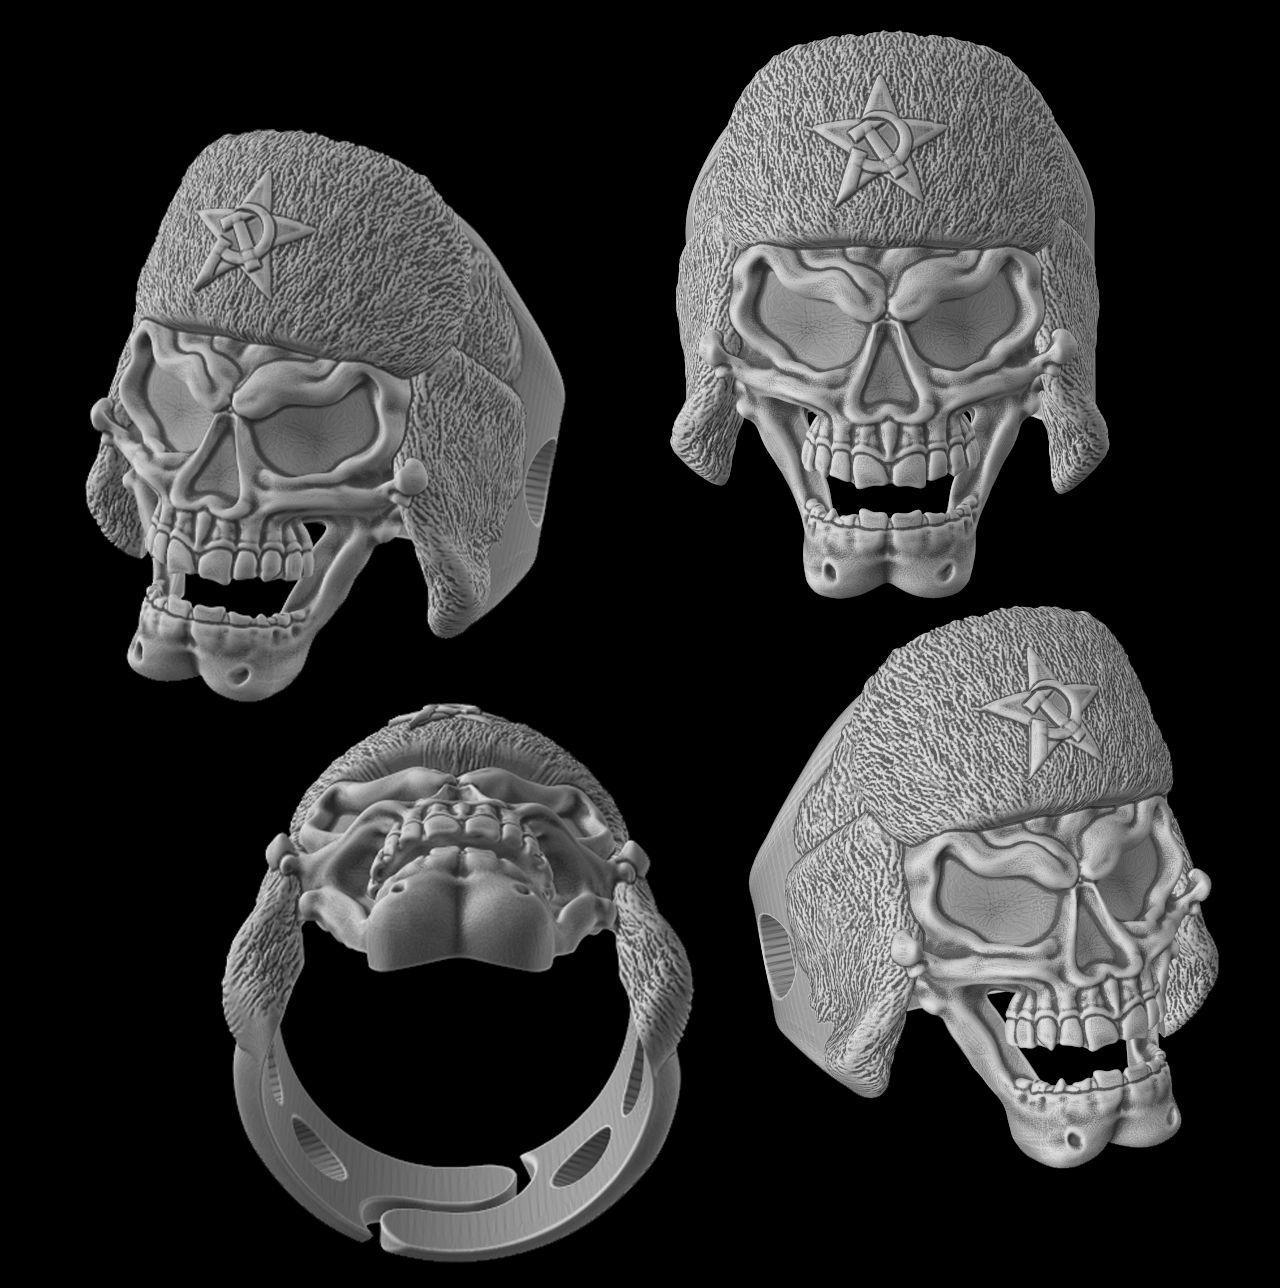 Russian skull ring